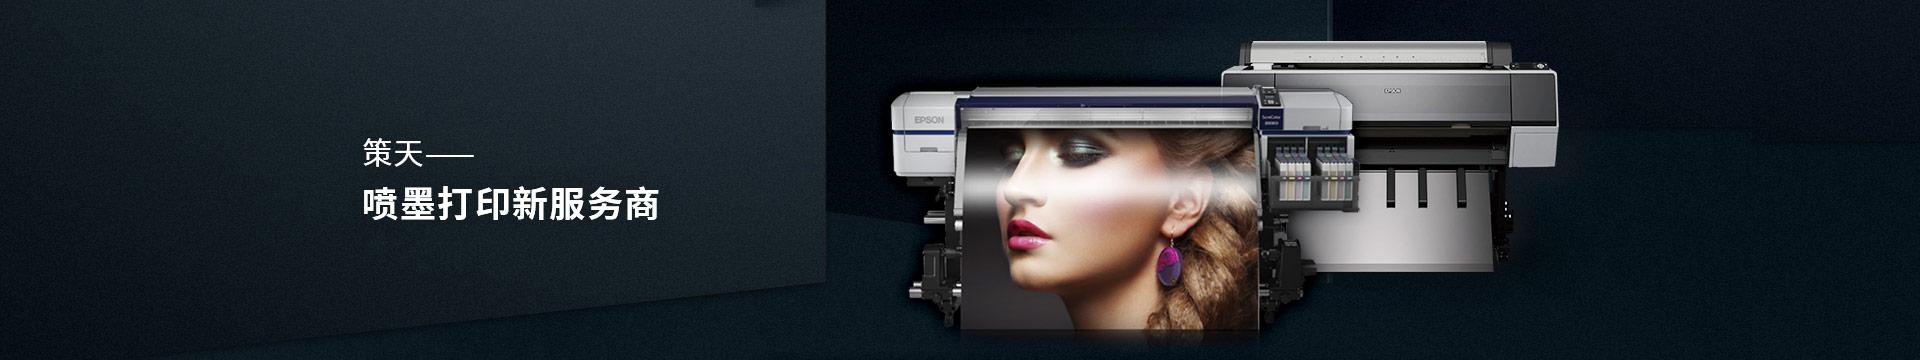 策天-喷墨打印新服务商